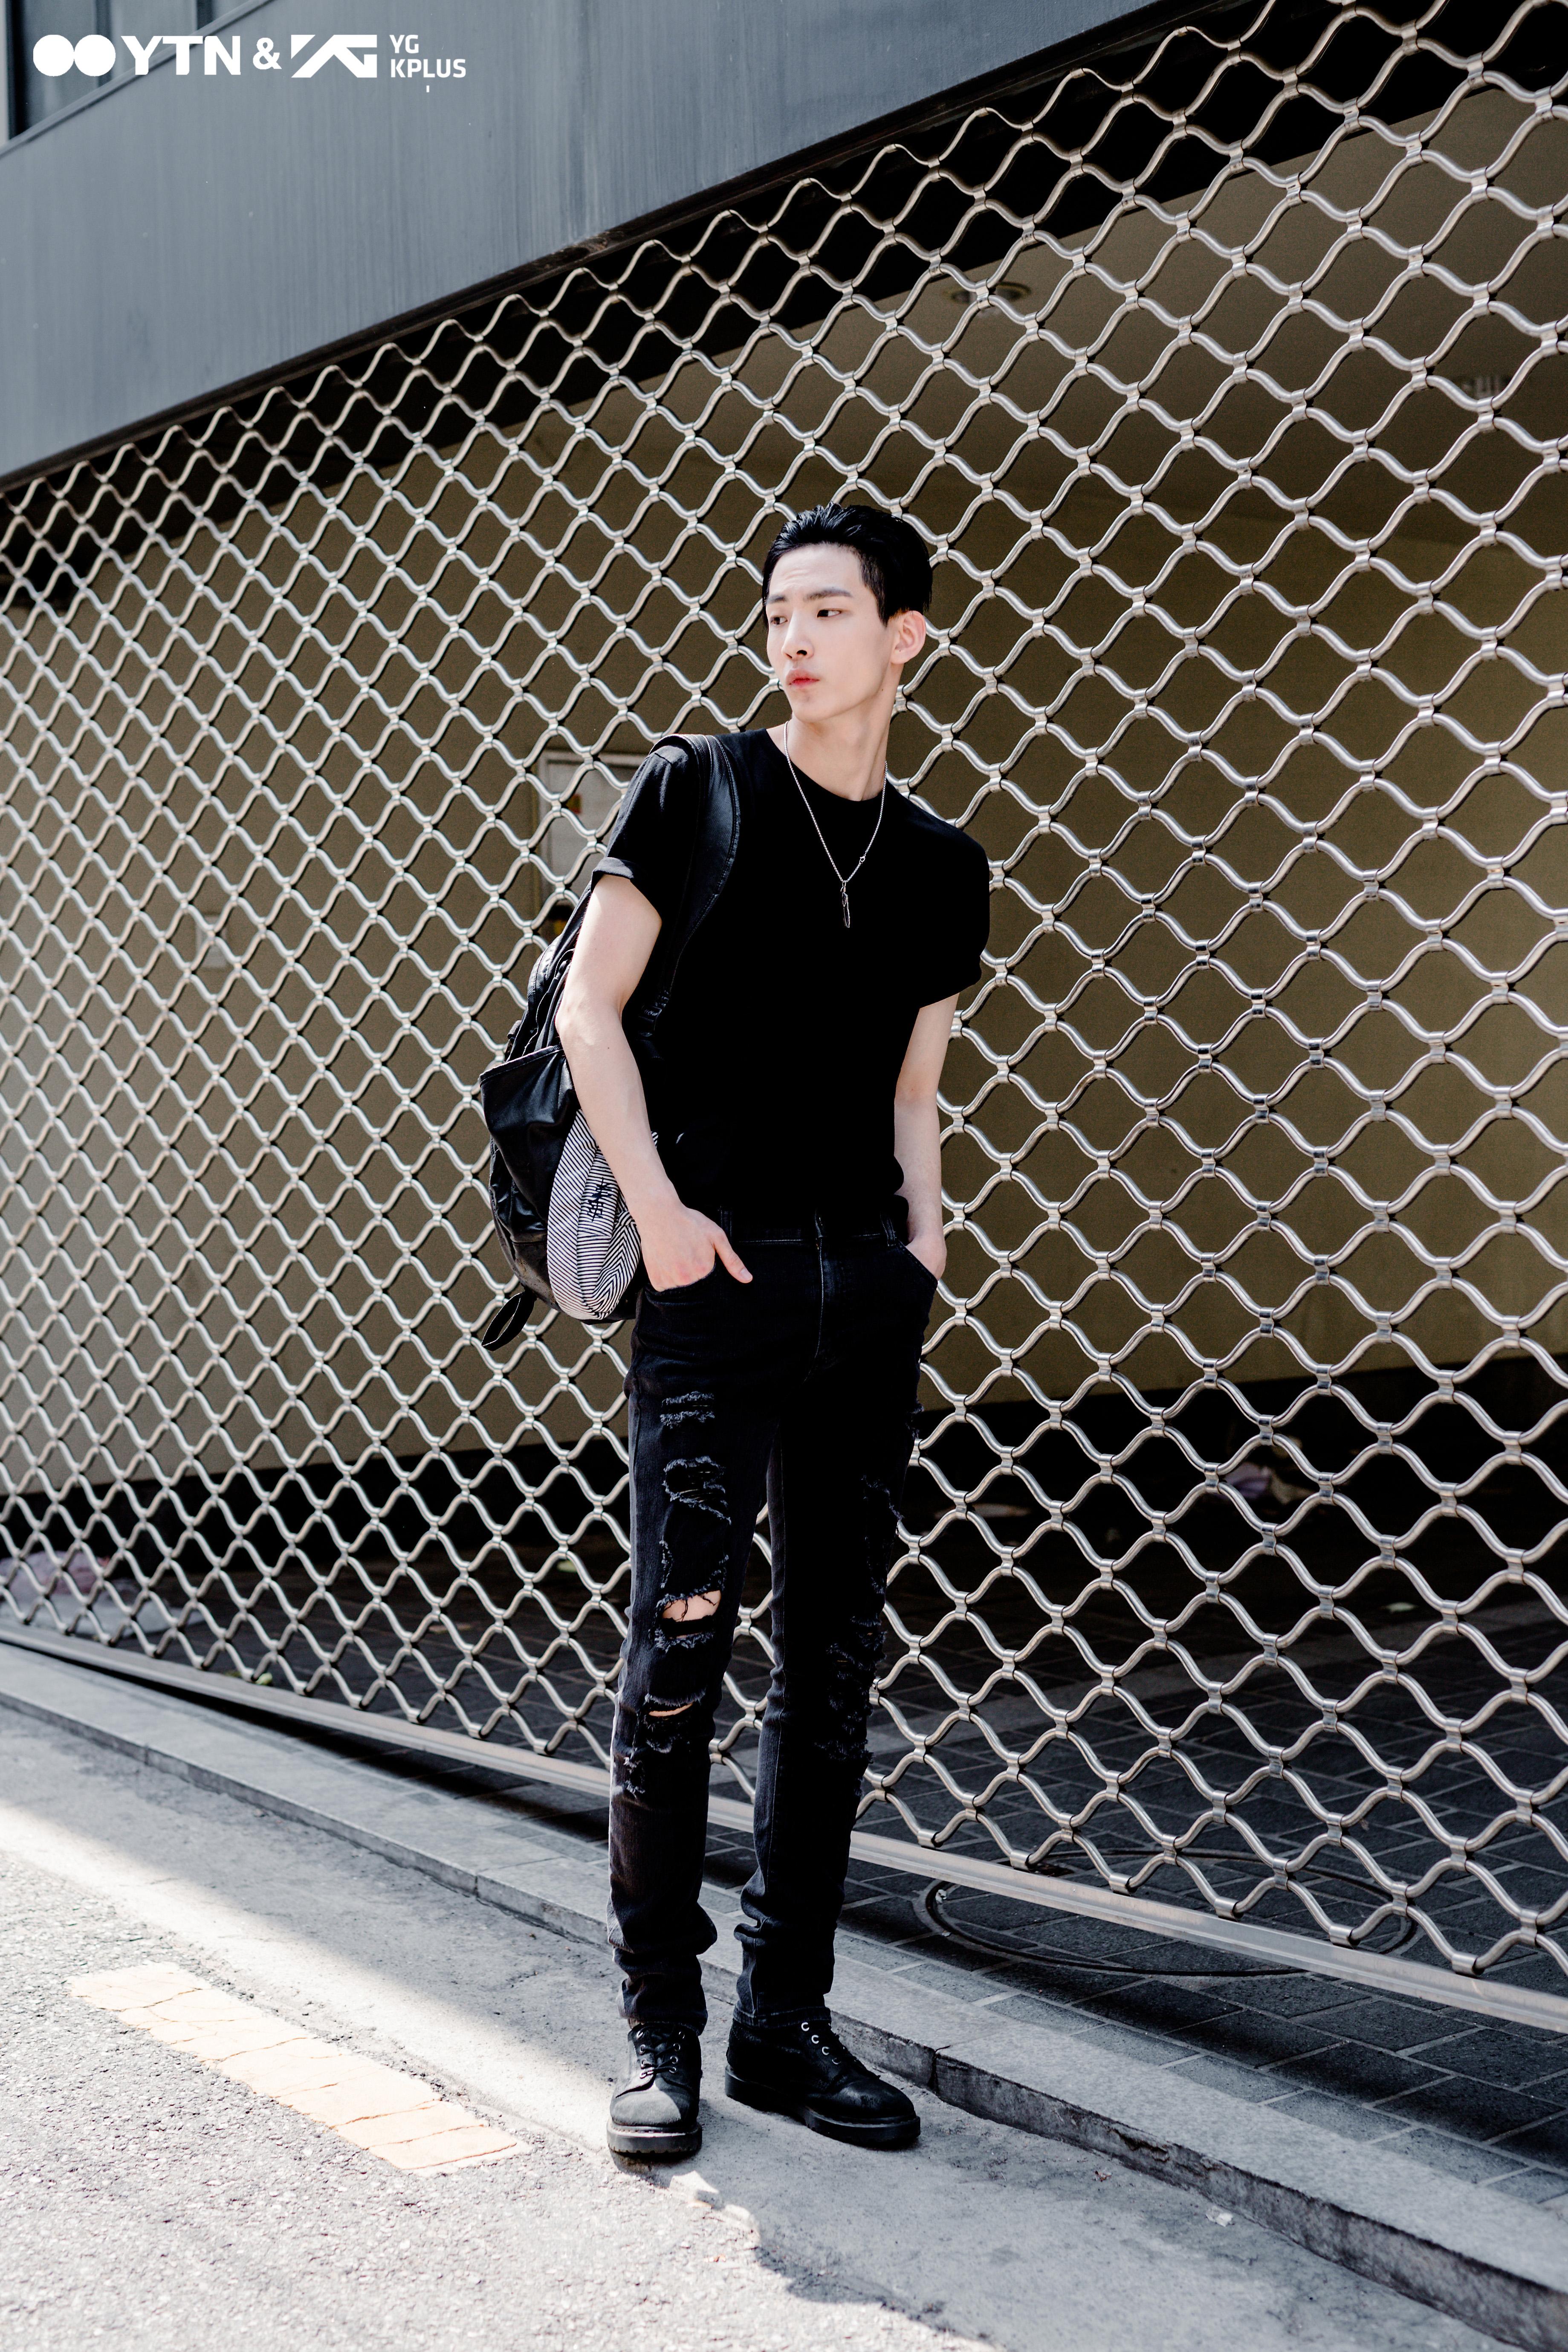 모델 김영석, 압도적인 '올 블랙의 카리스마' 뽐내!